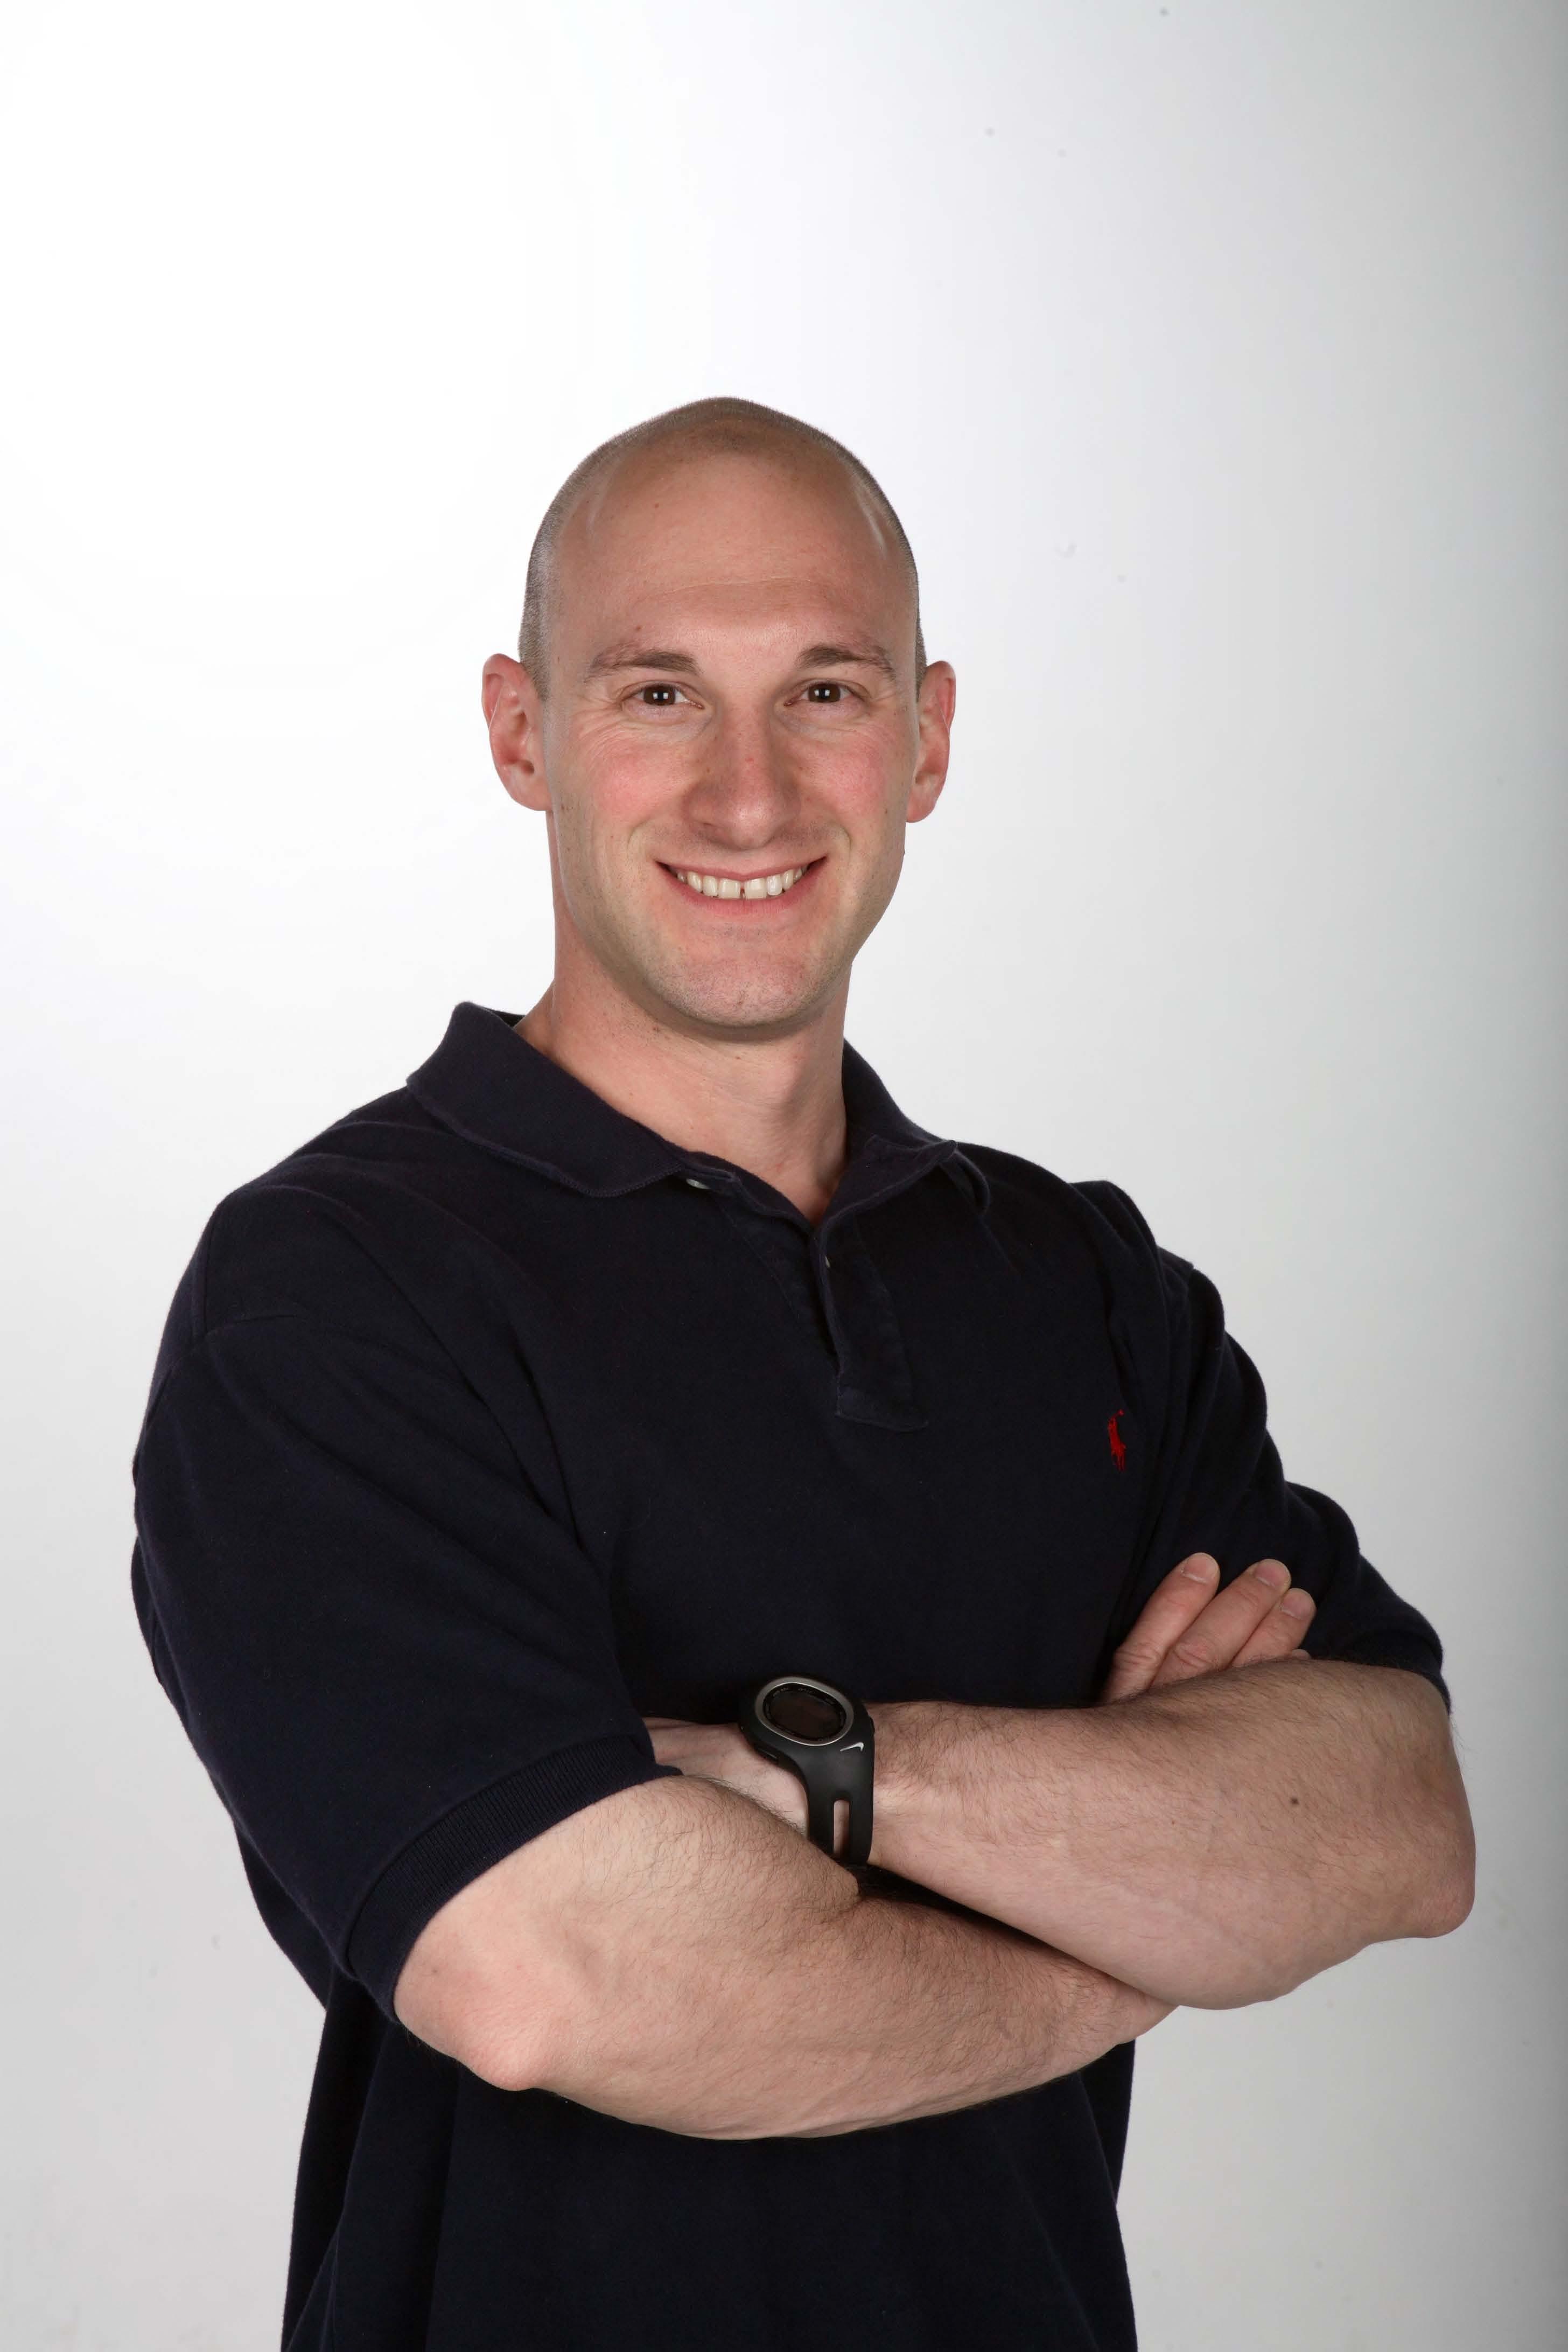 Scott Heffner